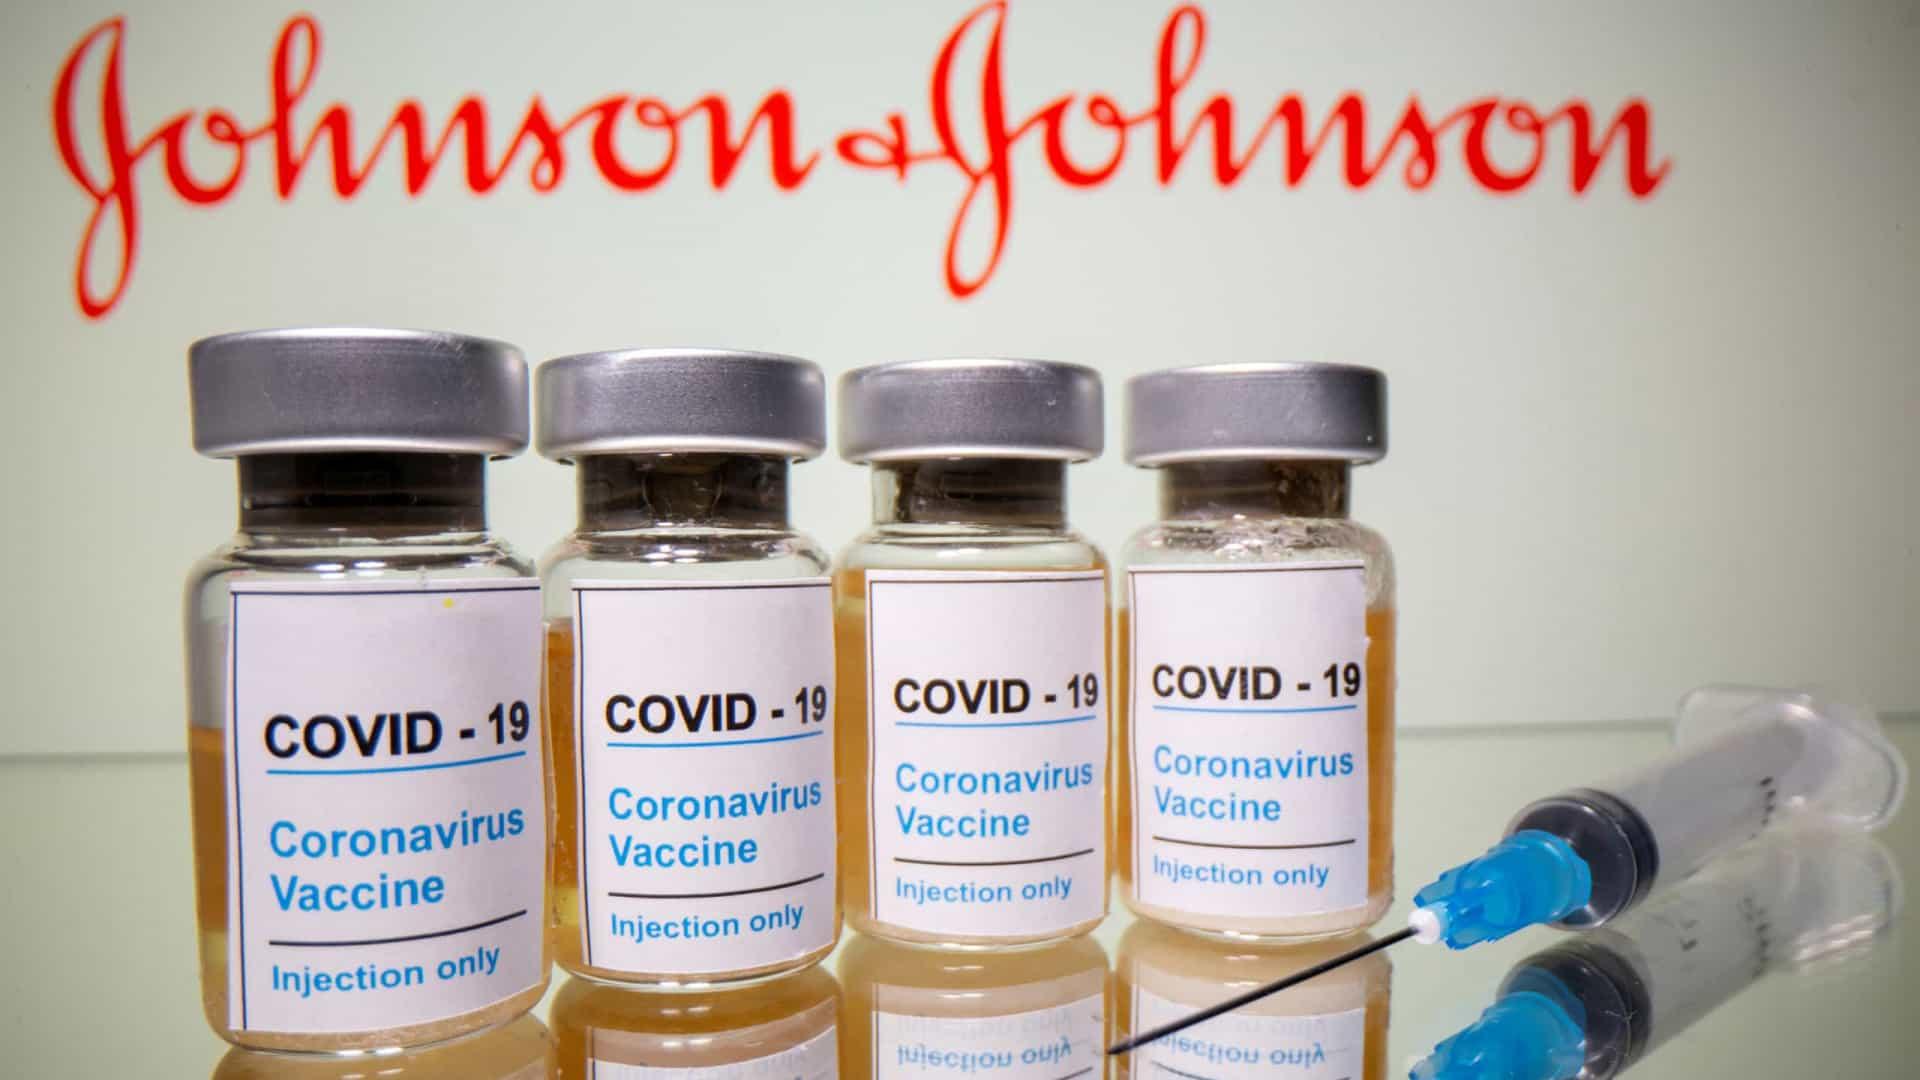 naom 601c884f32d24 - Empresa Johnson & Johnson pede à FDA que autorize uso emergencial da sua vacina